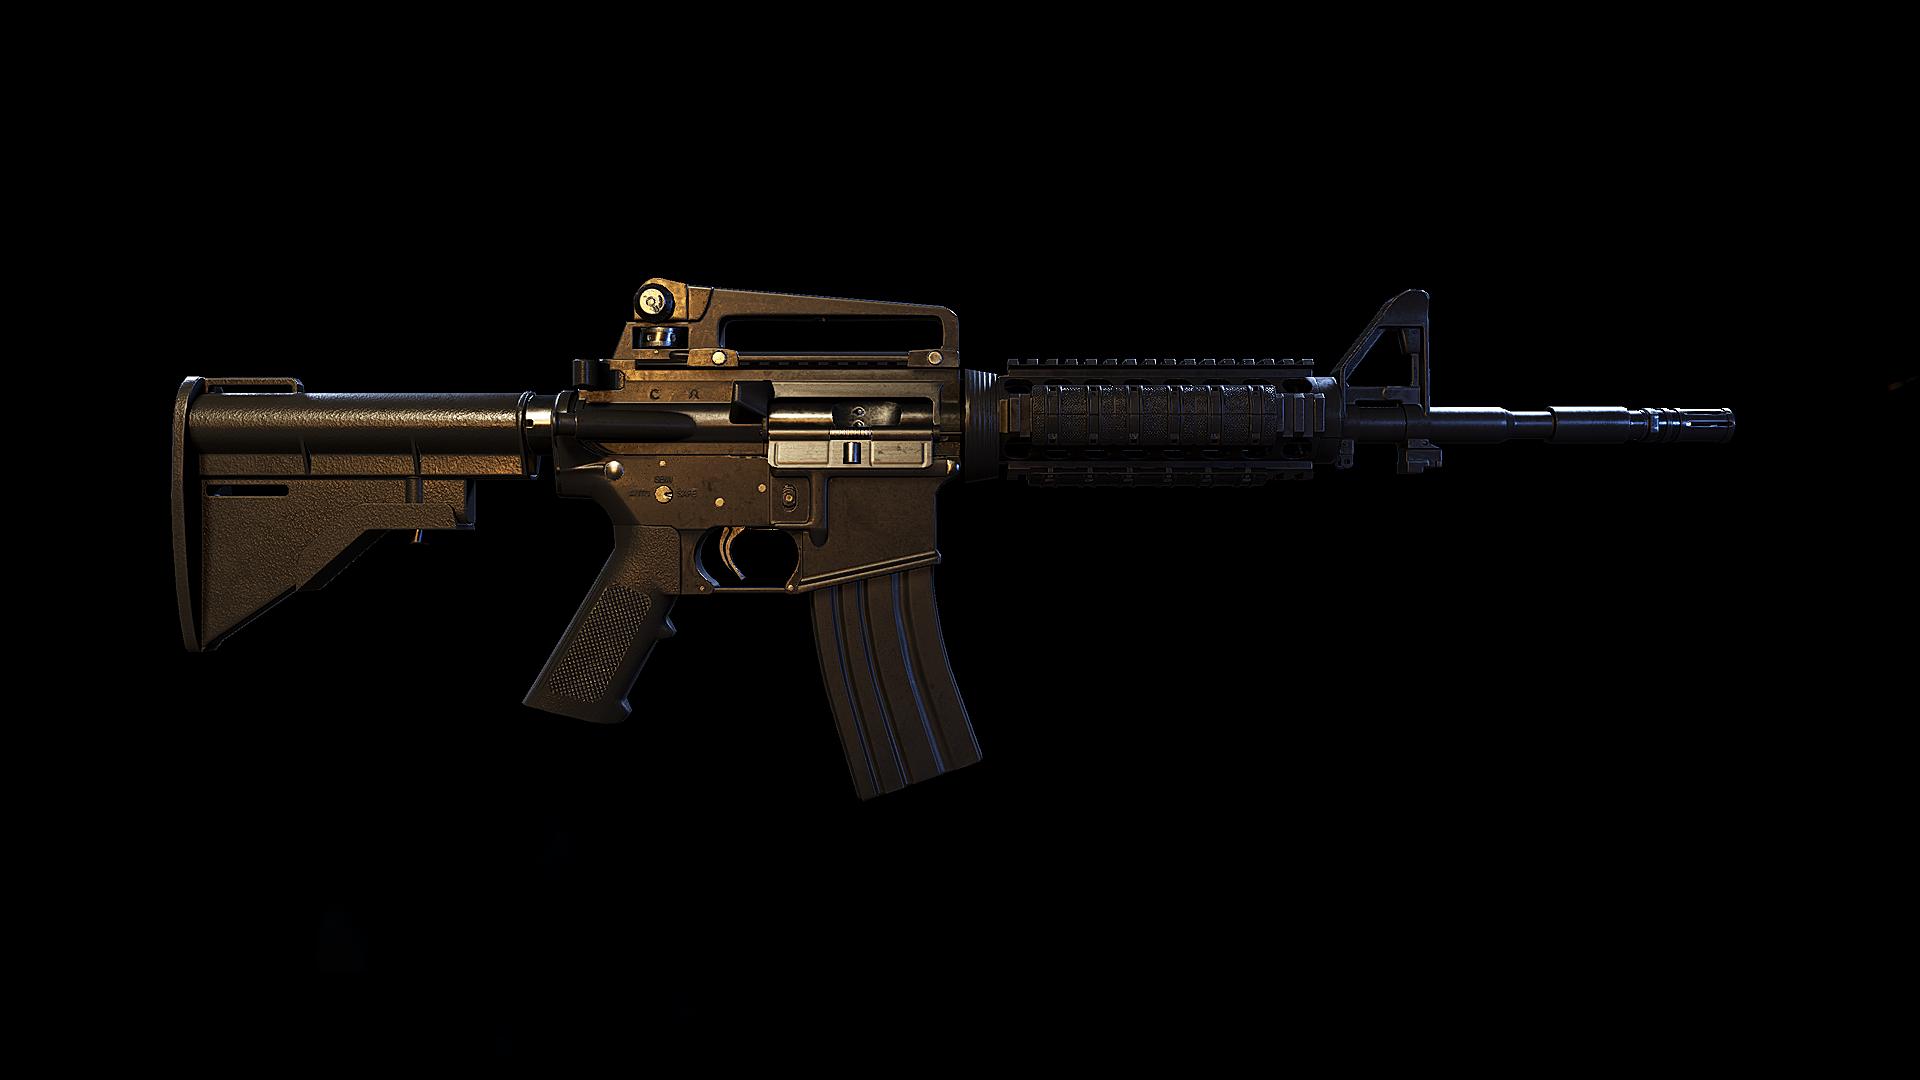 M4A1/Ghost Recon Wildlands